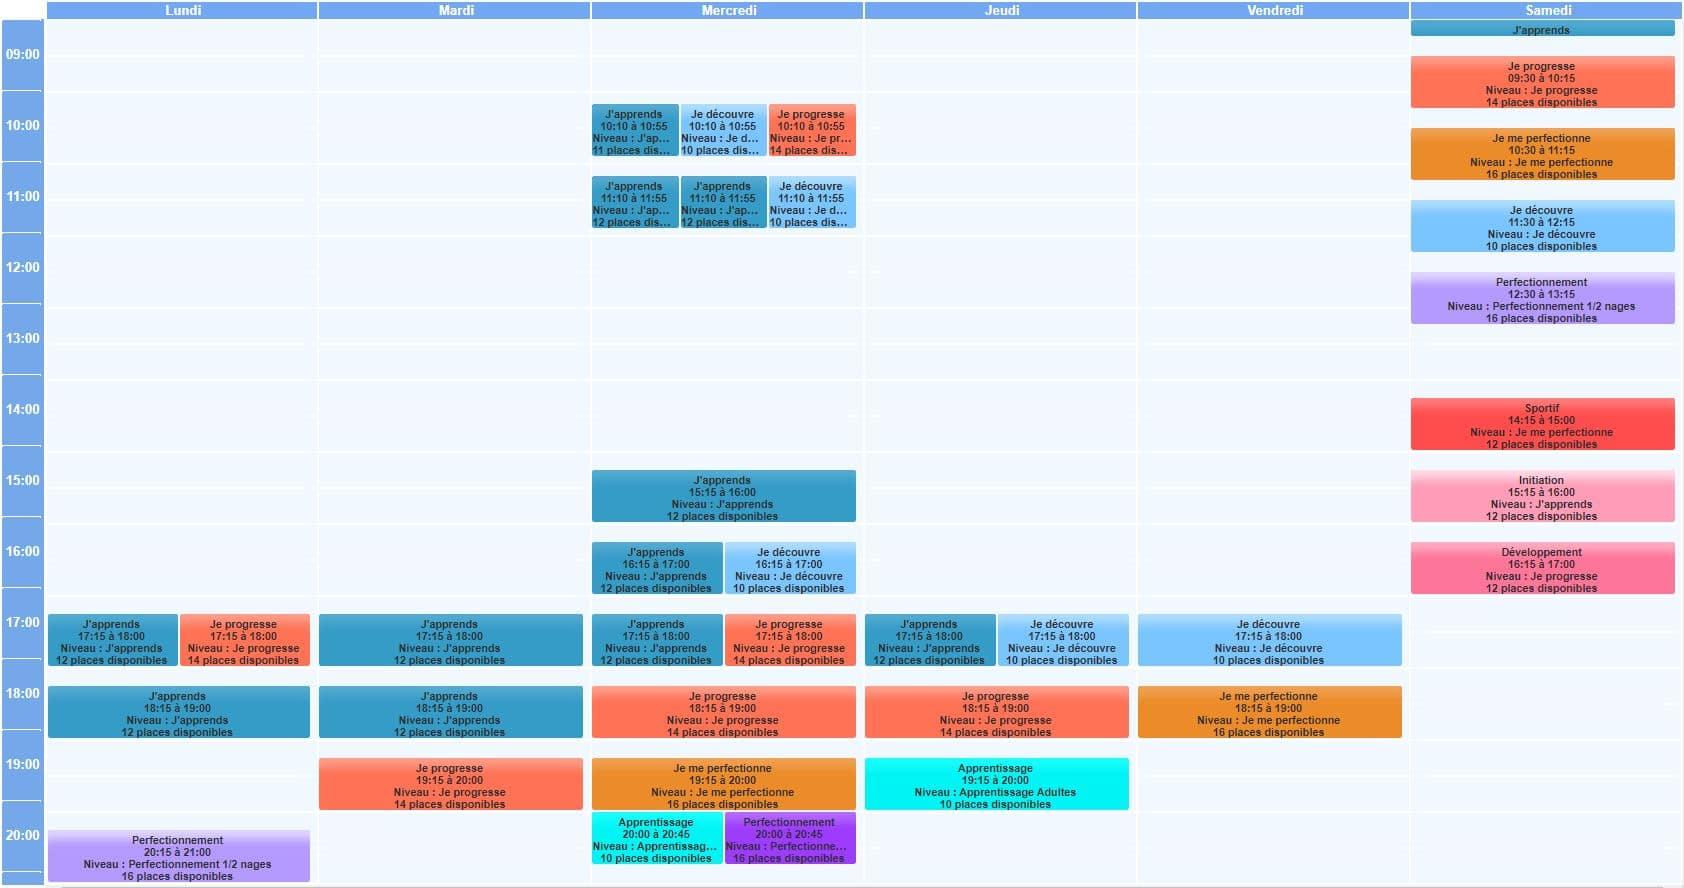 École de natation - planning des cours 2020/2021